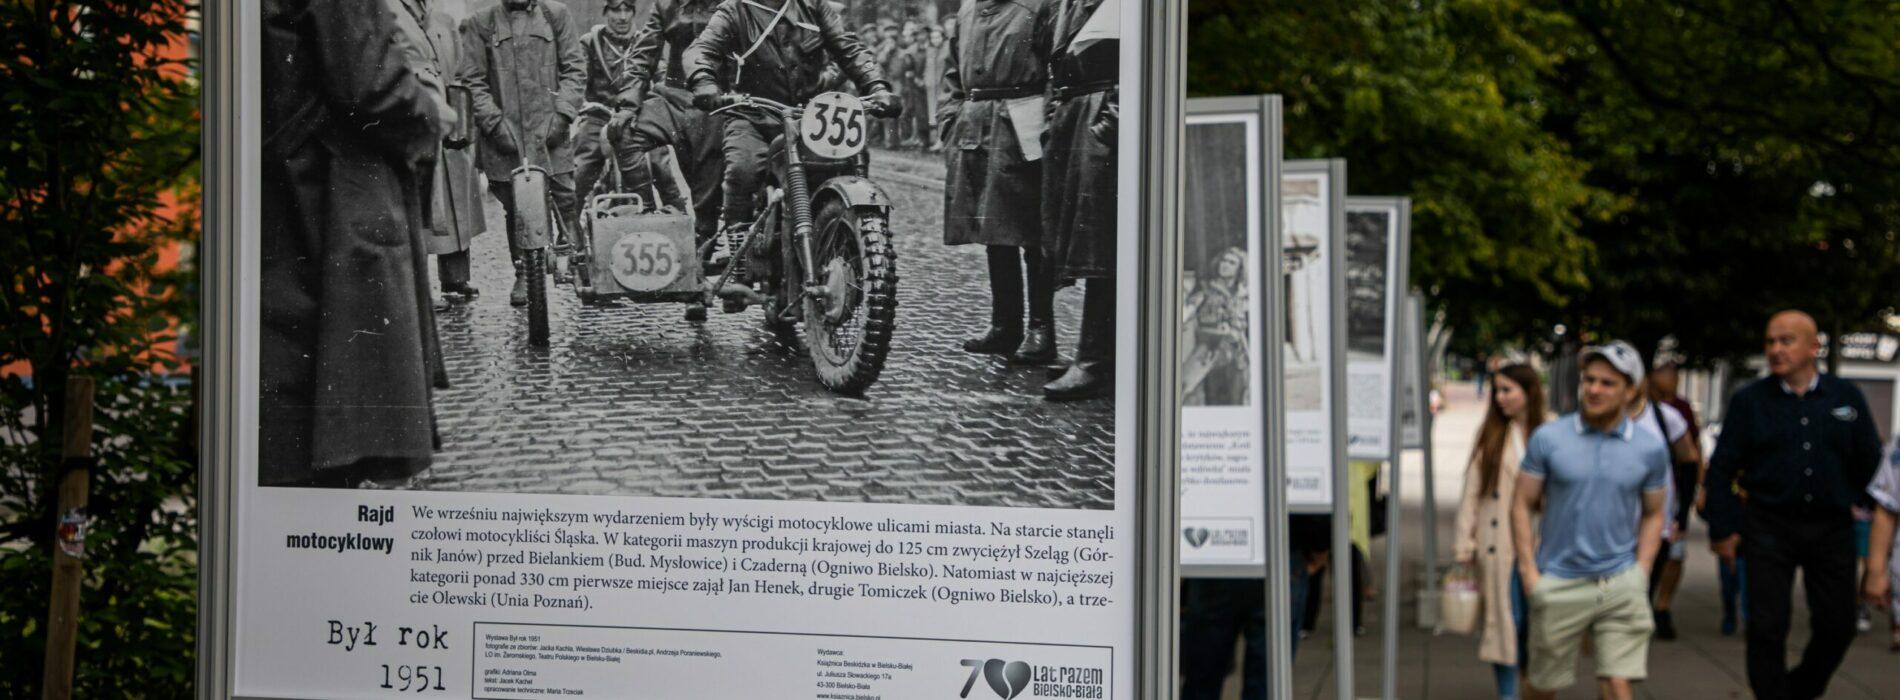 Rok 1951 zatrzymany w fotografii